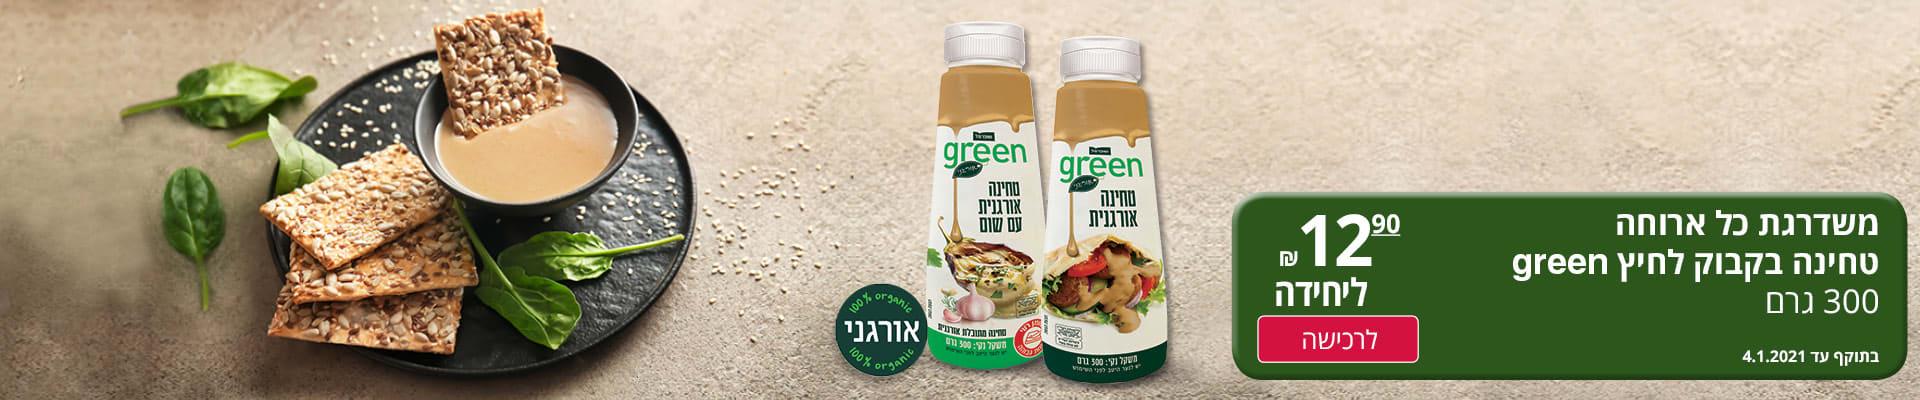 משדרגת כל ארוחה טחינה בקבוק לחיץ green 300 גרם ב- 12.90 ₪. בתוקף עד 4.1.2020